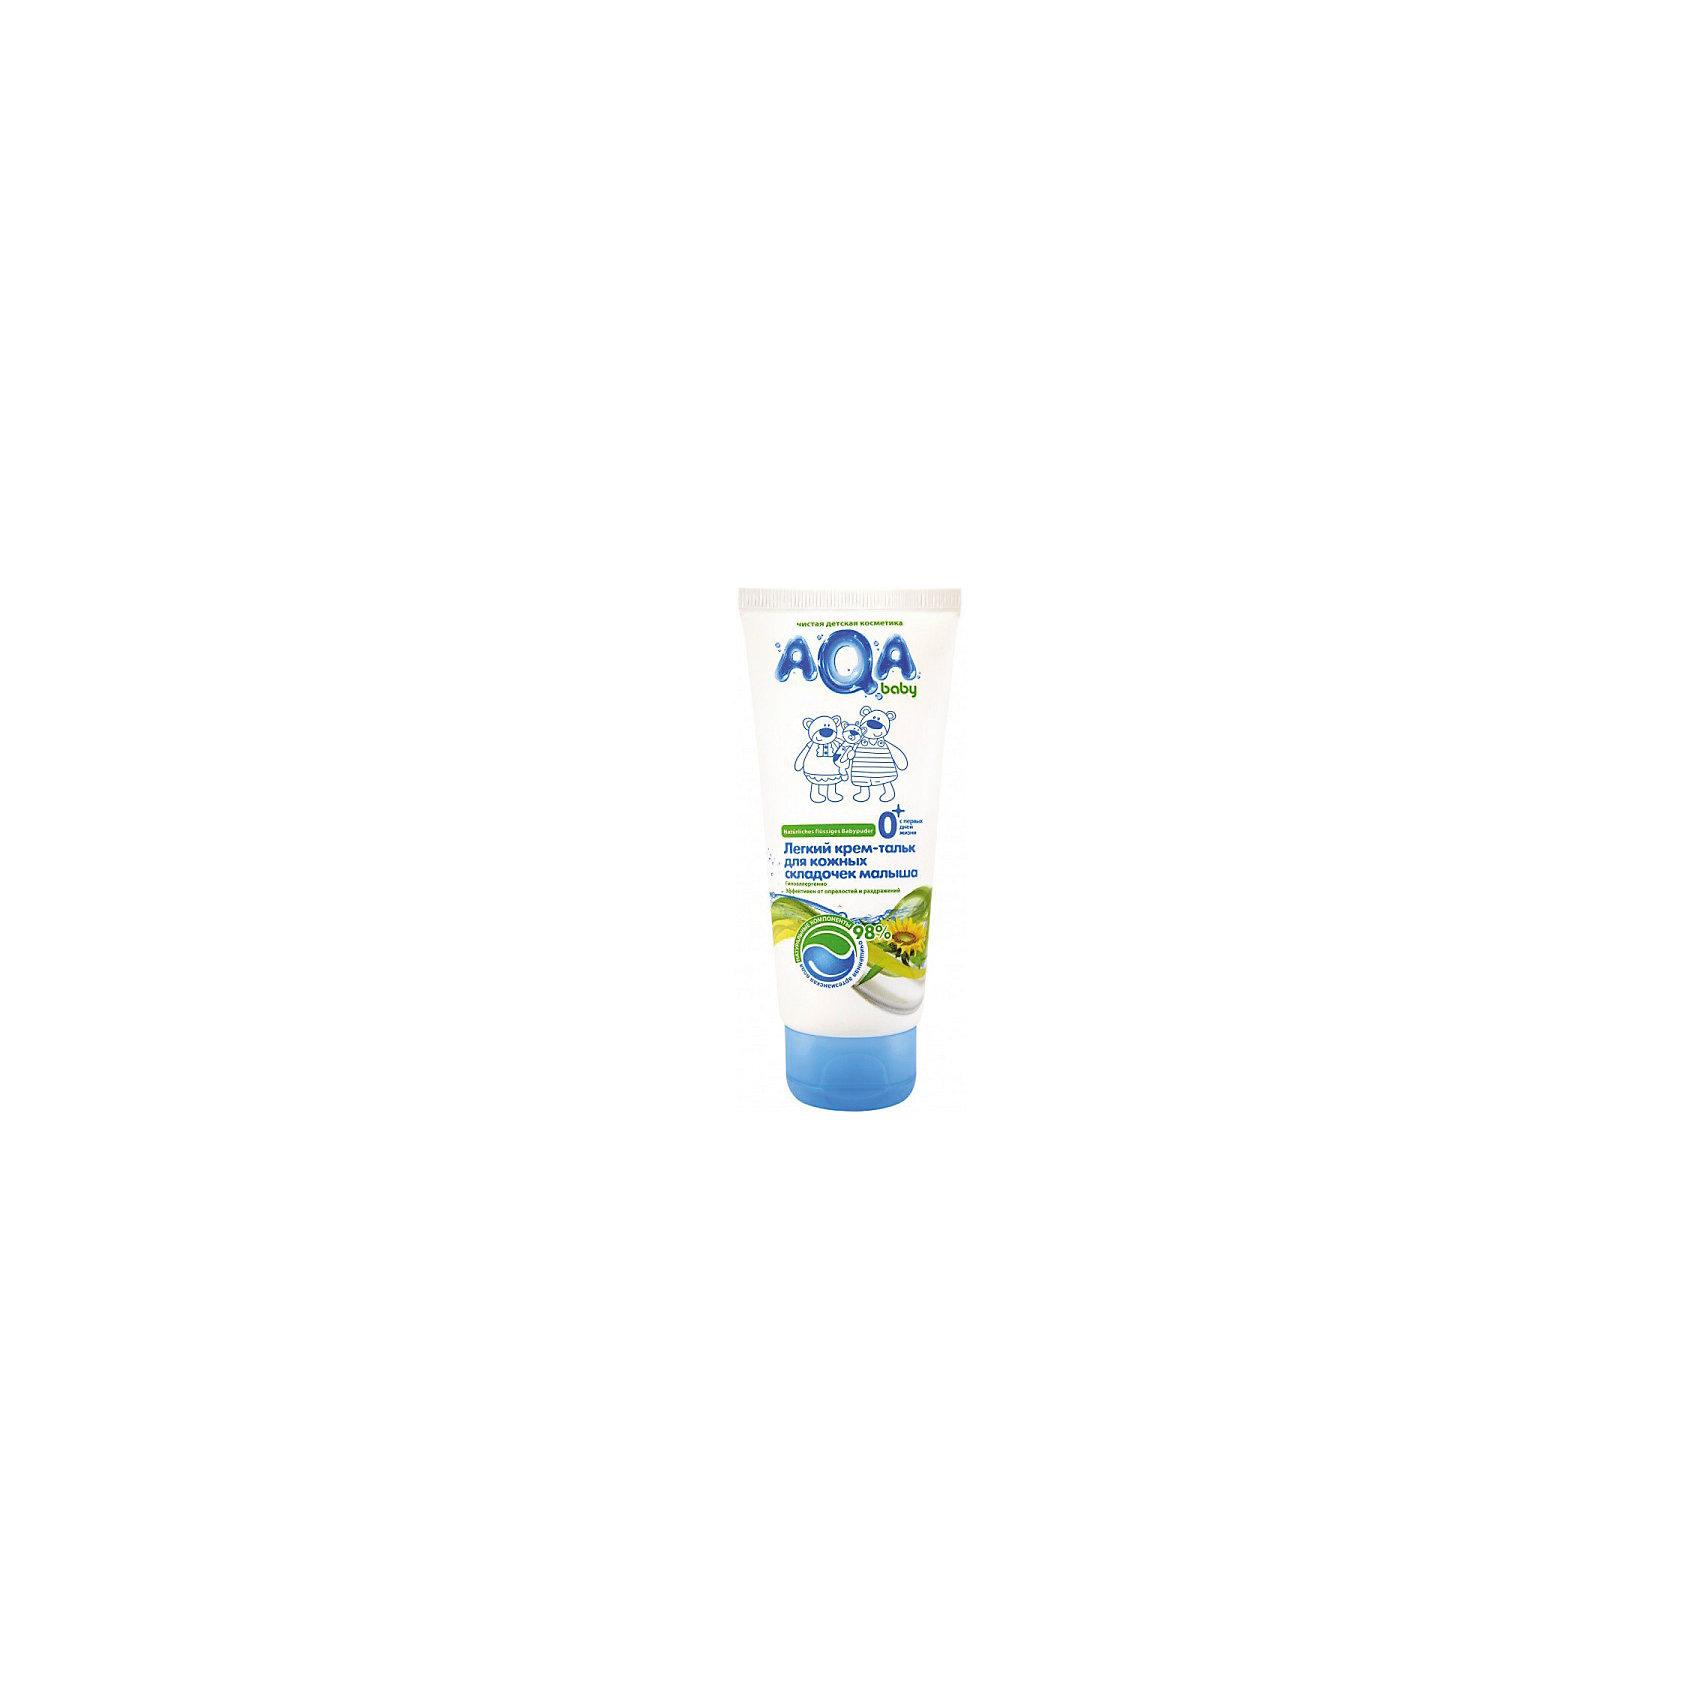 Легкий крем-тальк для кожных складочек малыша, AQA babyБЕЗ: парабенов, феноксиэтанола, минерального масла, силиконов, галогенопроизводных компонентов. 98% компонентов имеют сертификаты ECOCERT или COSMOS<br>Разработан специально для защиты кожи малыша в особо нежных местах<br>В состав входит растительная пудра (натуральный крахмал тапиоки) – мягко впитывает излишнюю влагу и усиливает естественную защиту кожи<br>Не нарушает кожного дыхания<br>БЕЗ: парабенов, феноксиэтанола, минерального масла, силиконов, галогенопроизводных компонентов<br>Гипоаллергенно<br>Объём: 100 мл<br><br>Ширина мм: 143<br>Глубина мм: 500<br>Высота мм: 60<br>Вес г: 420<br>Возраст от месяцев: 0<br>Возраст до месяцев: 36<br>Пол: Унисекс<br>Возраст: Детский<br>SKU: 4729823